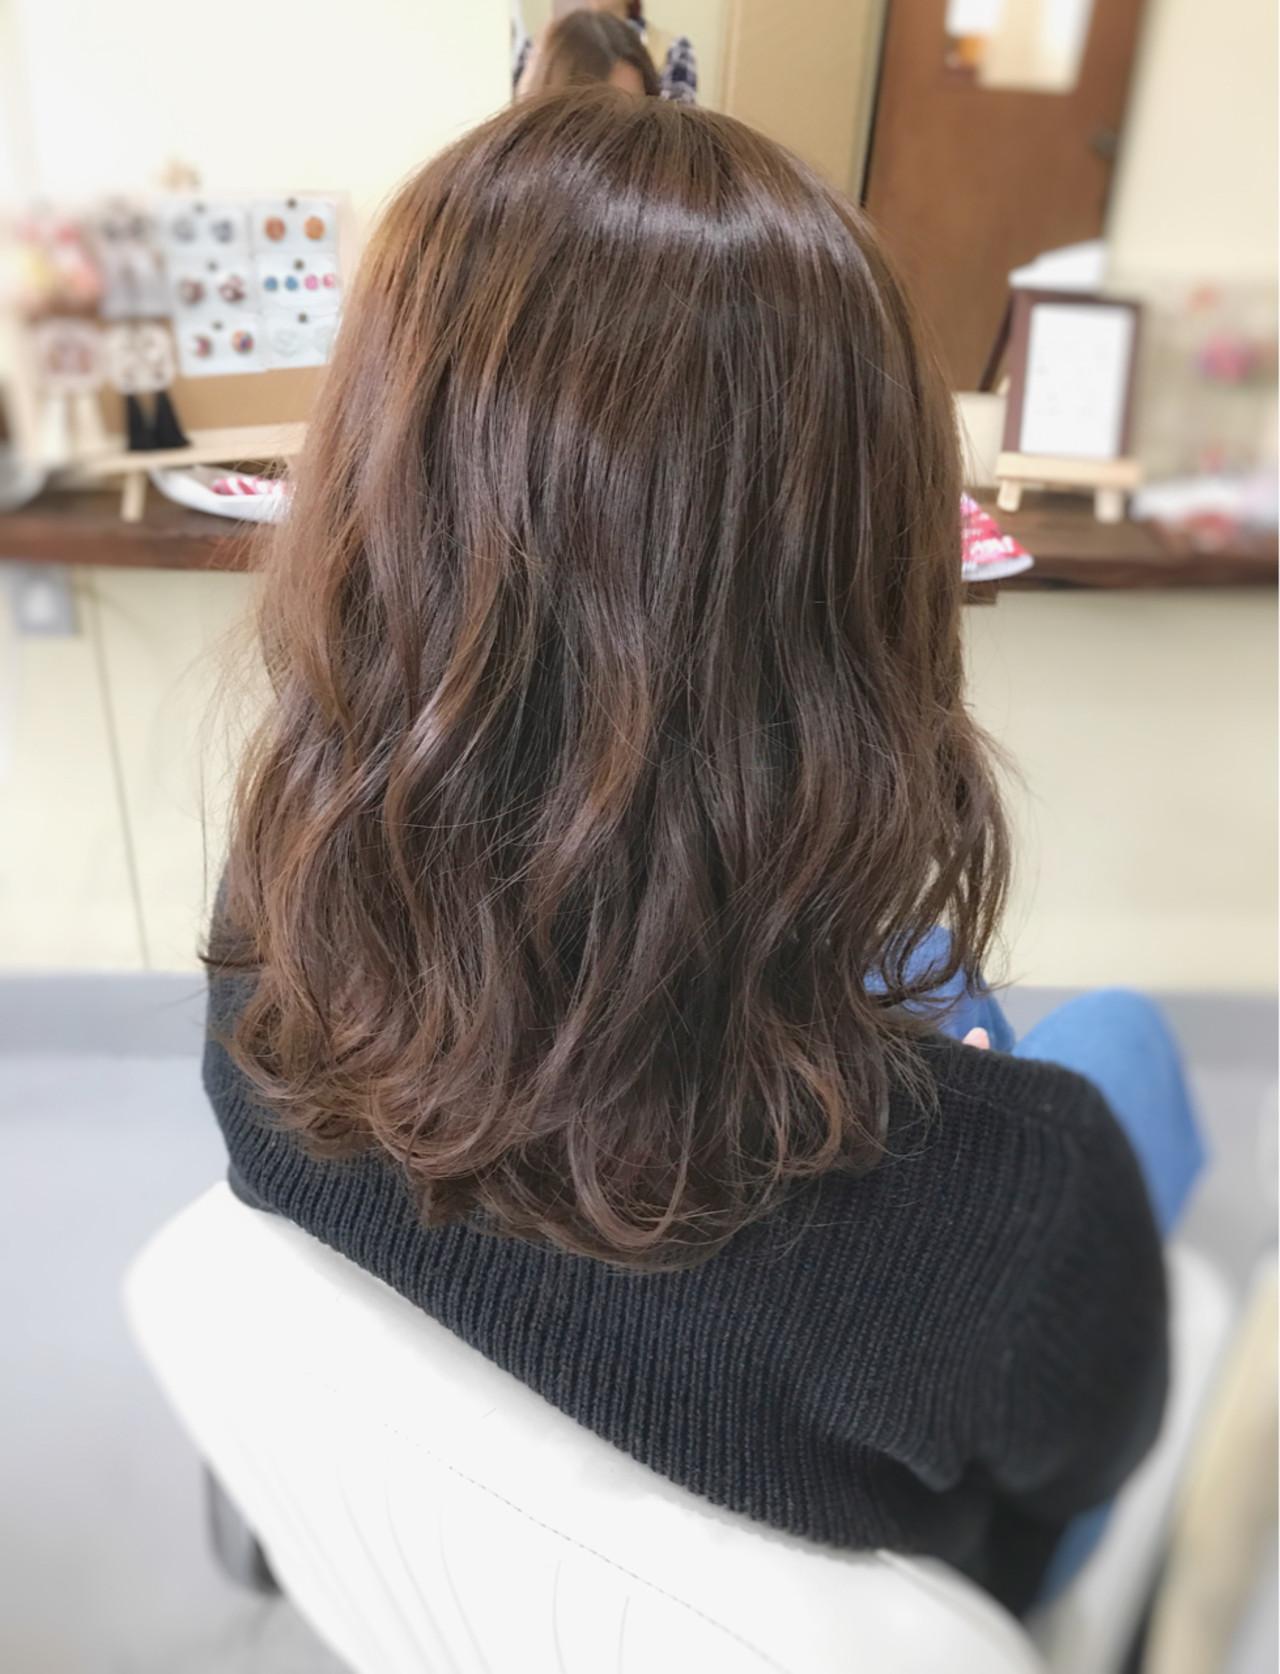 ミディアム 大人女子 フェミニン こなれ感 ヘアスタイルや髪型の写真・画像